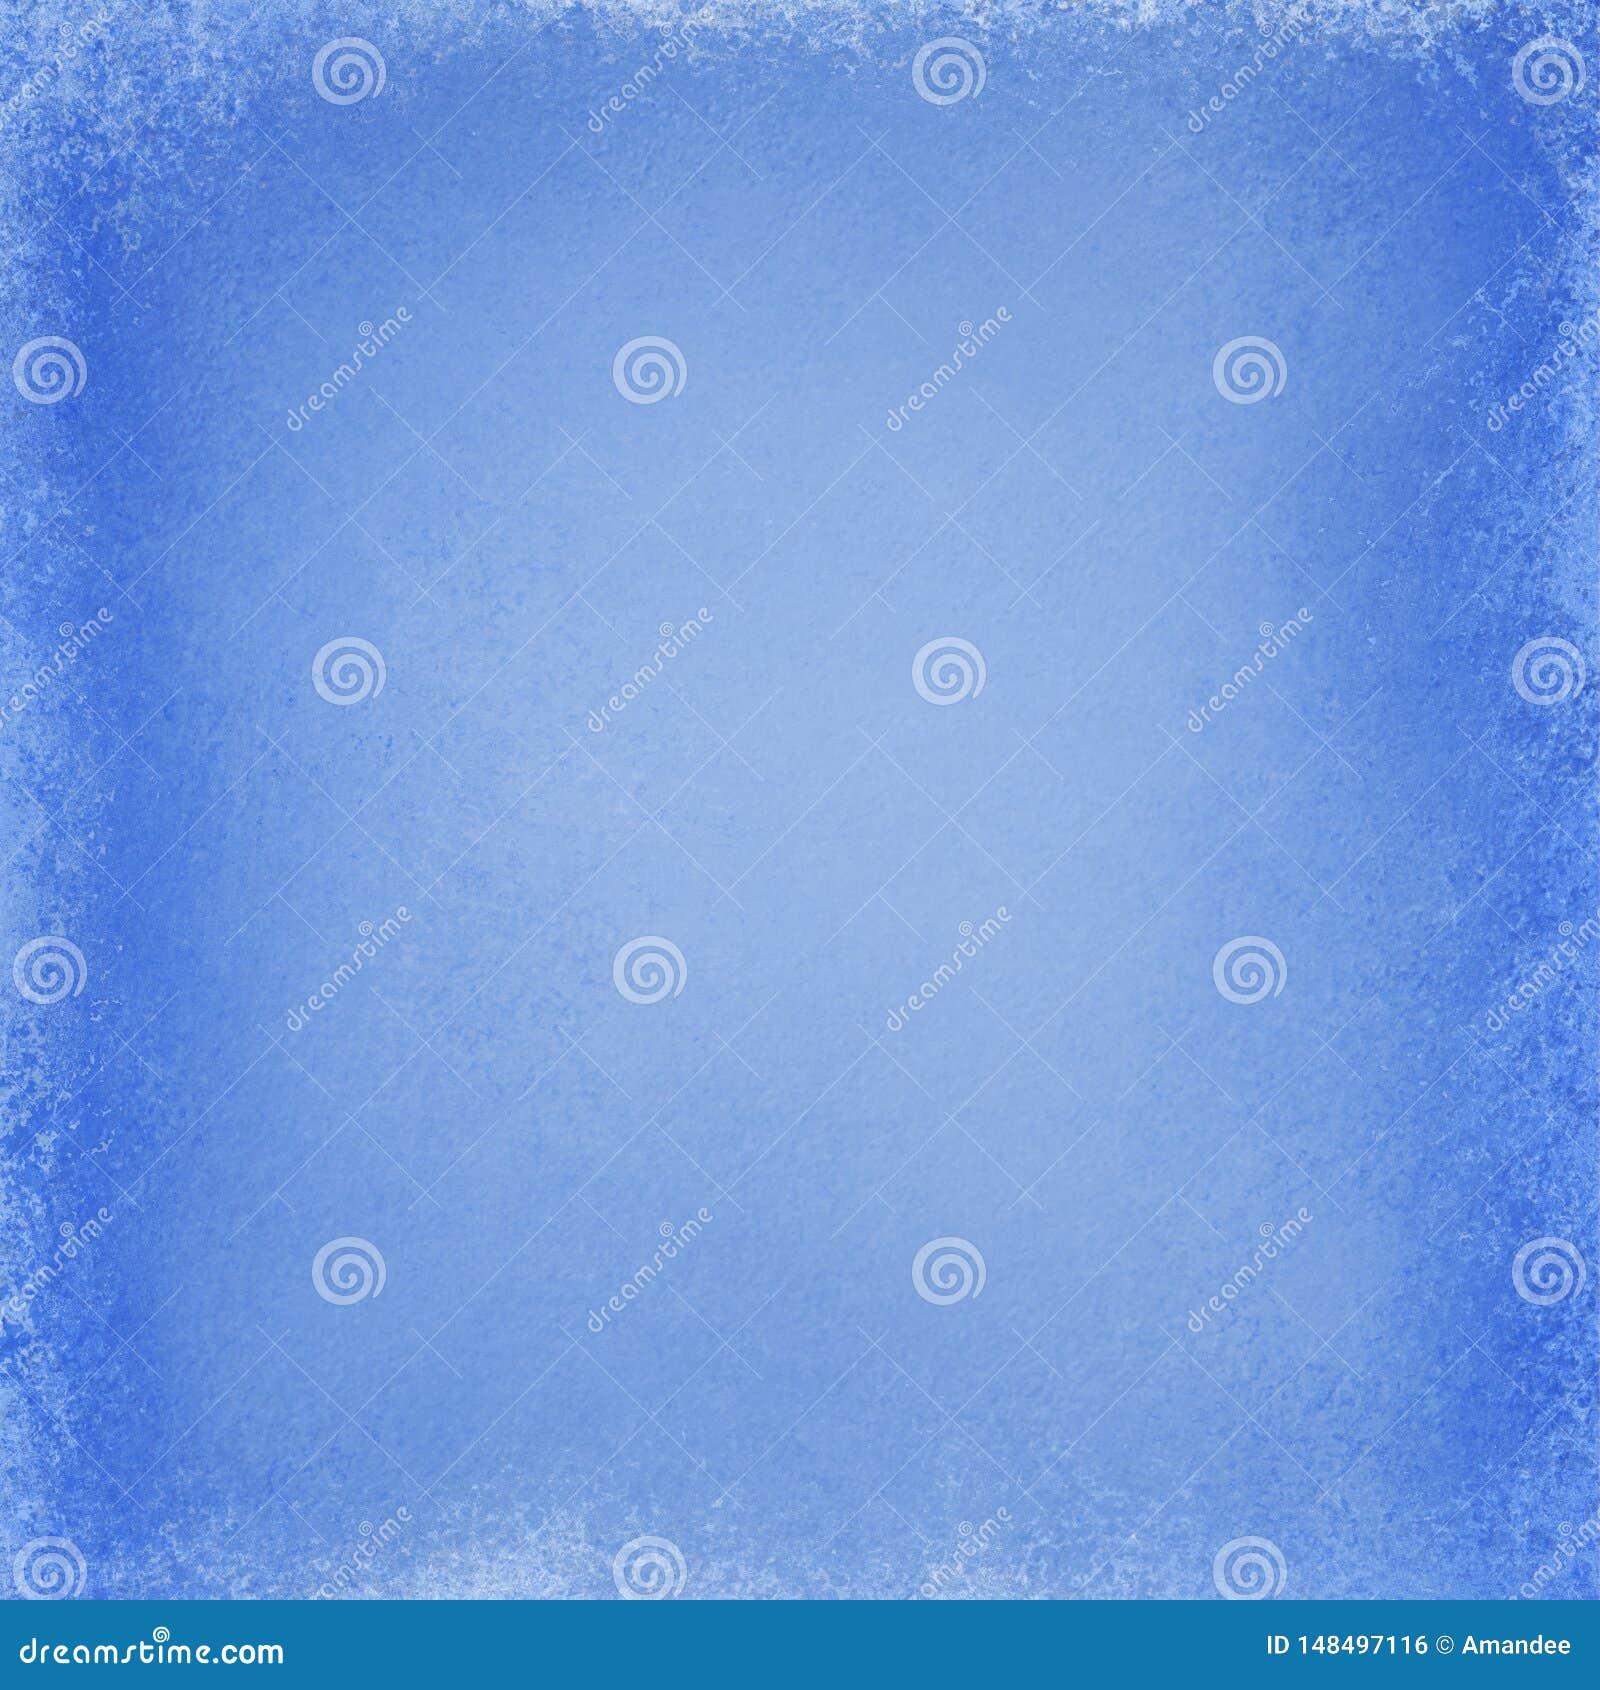 De blauwe achtergrond met donkerblauwe textuur en grunge grenst ontwerp, elegante oude lege document illustratie